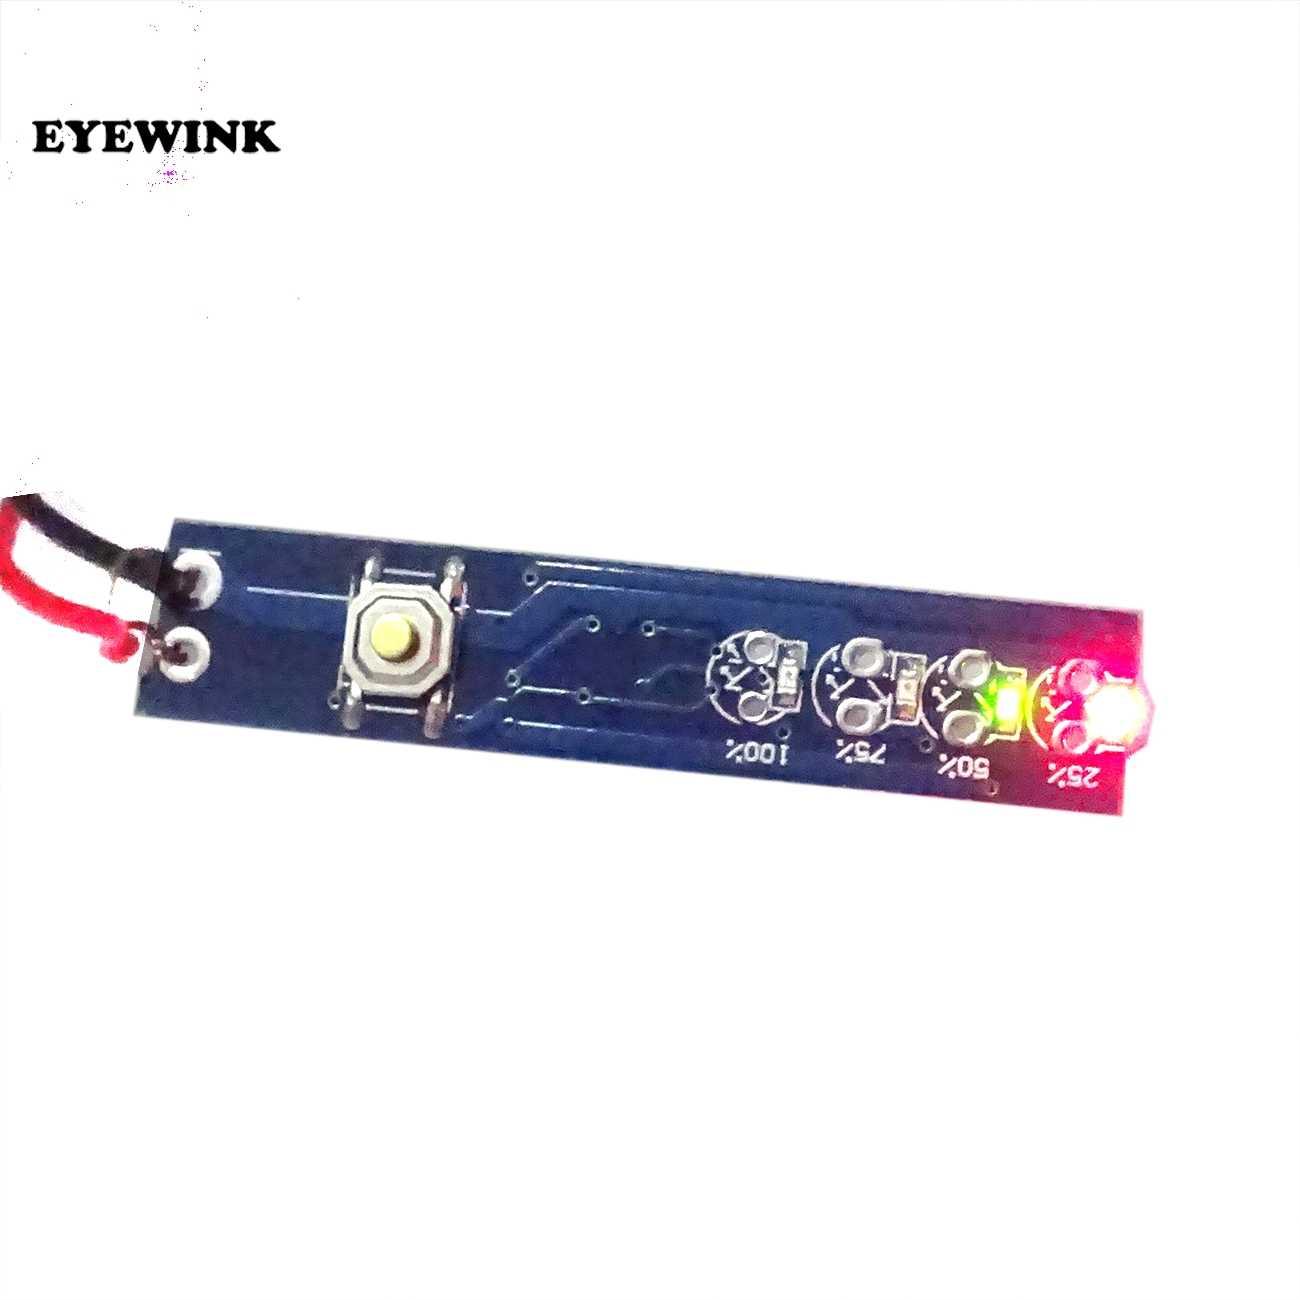 1S 2S 3S 4S 3.7V Tunggal 18650 Kapasitas Baterai Lithium Indikator Modul Persen Tingkat Daya tester LED Papan Display